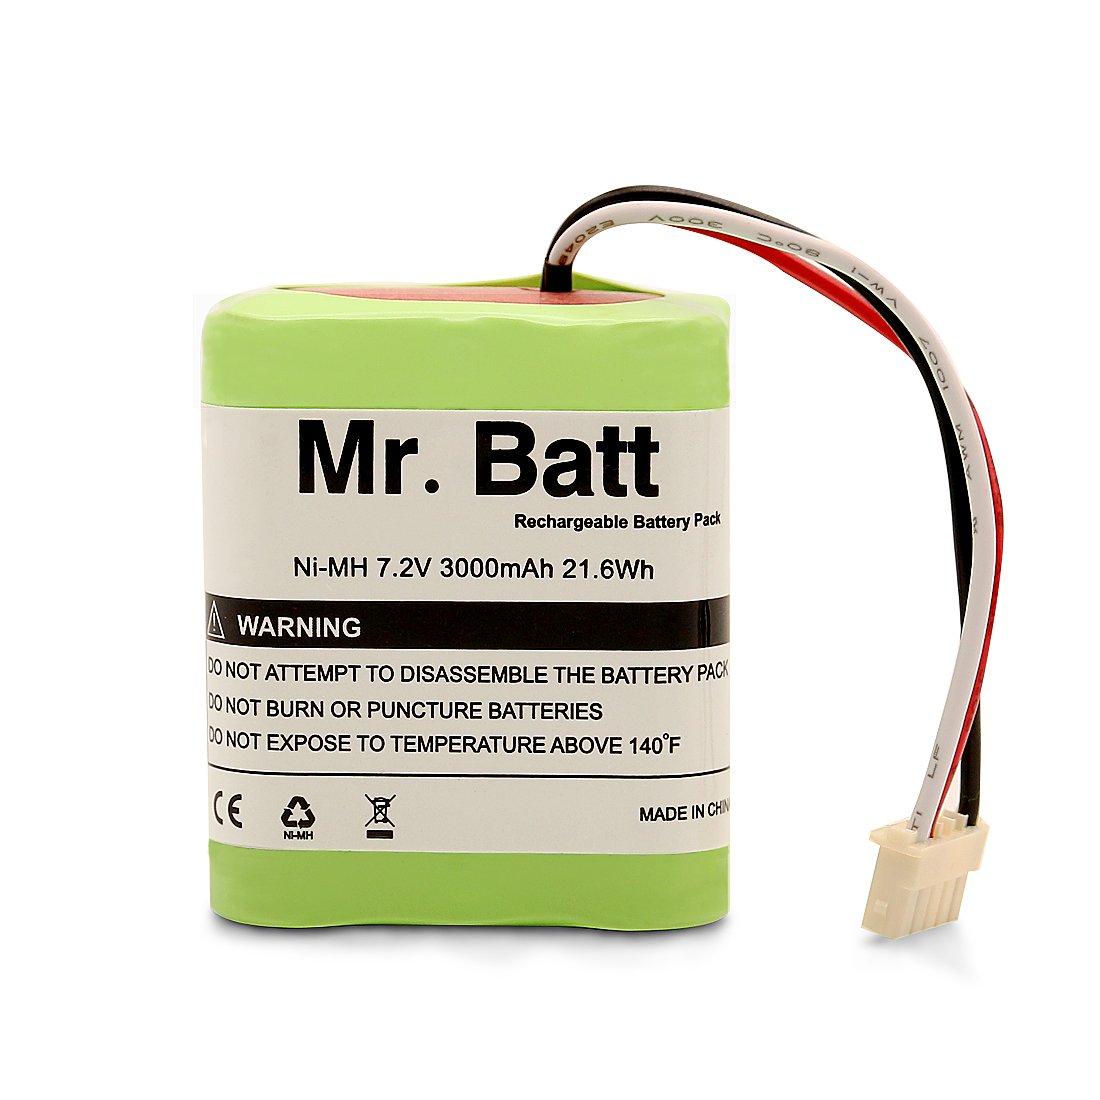 Mr.Batt Replacement Battery for iRobot Braava 380t Battery for Braava 380, Mint 5200, 7.2 Volt 3000mAh by Mr.Batt